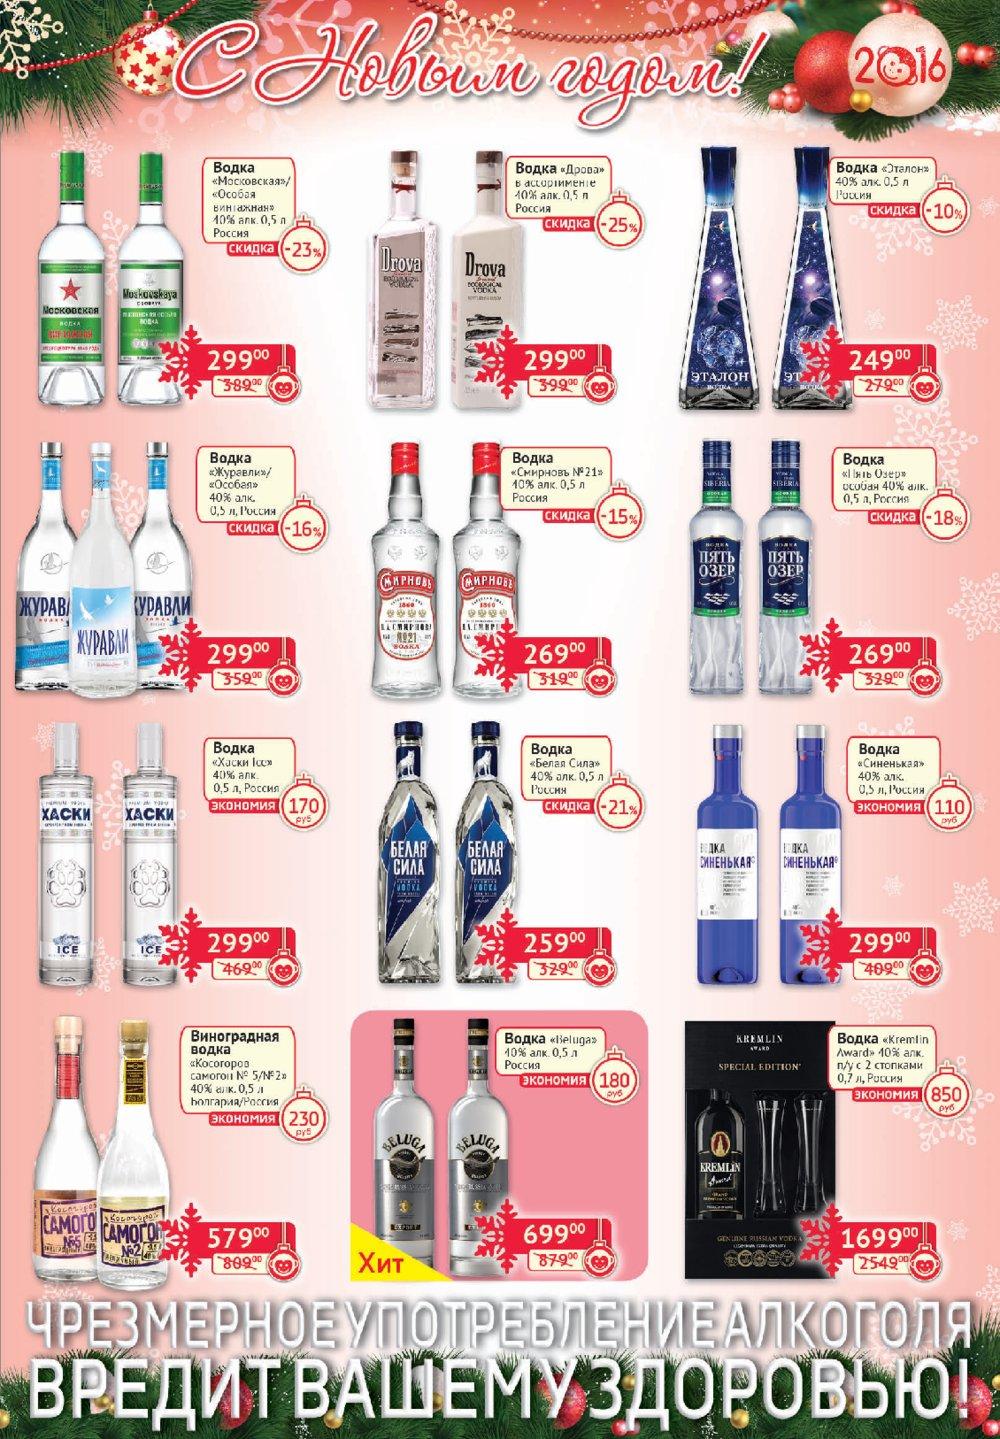 Акции Глобус  Скидки в супермаркетах Москвы и Области